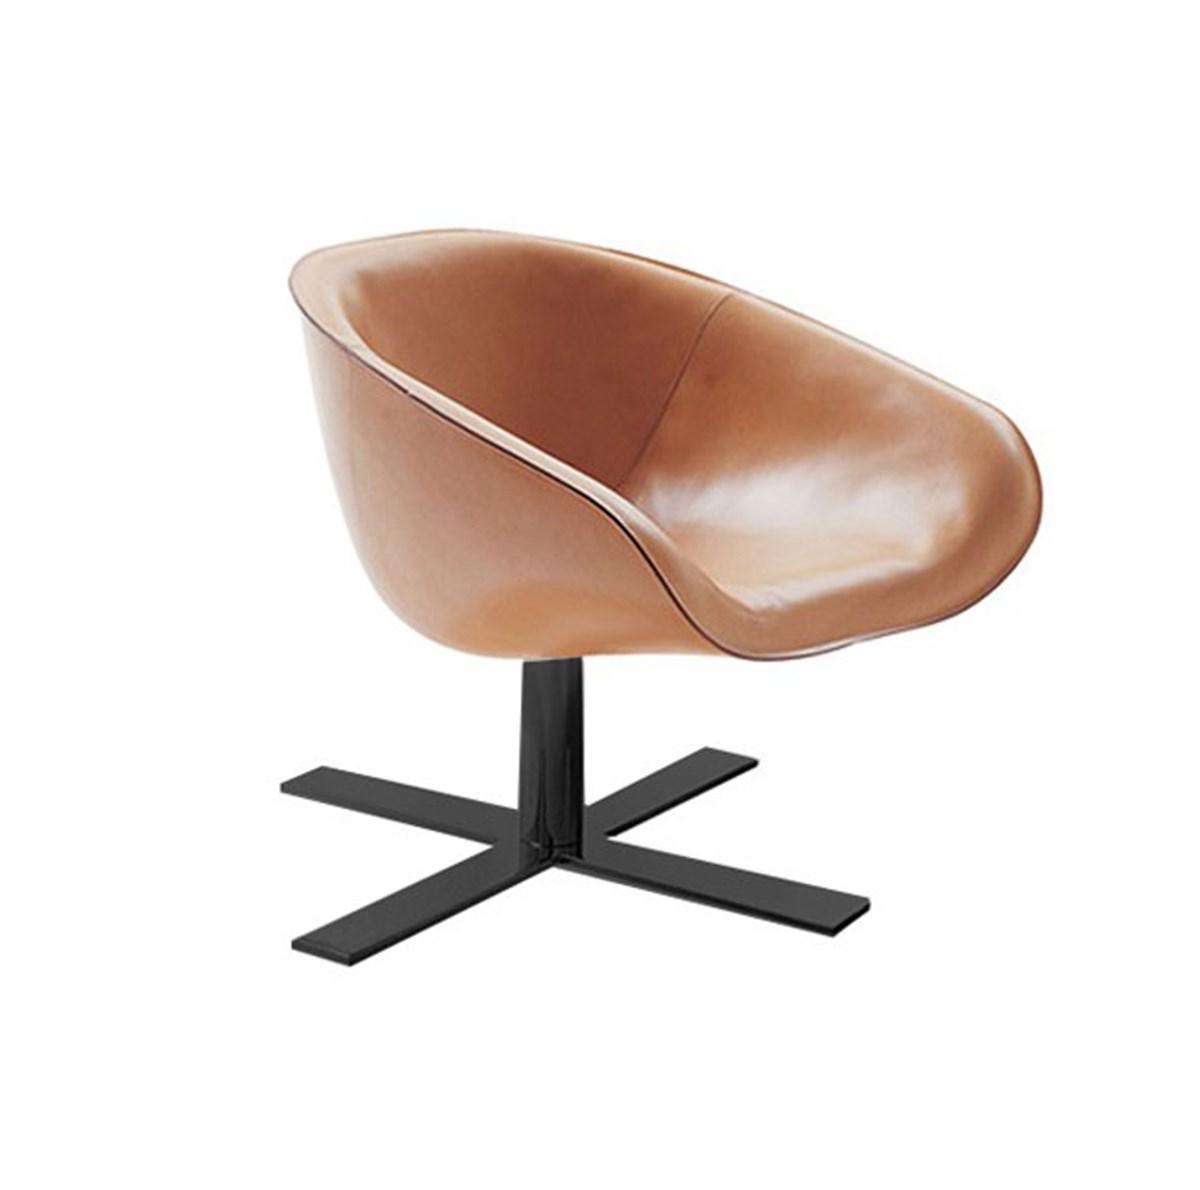 B&B-Italia-Antonio-Citterio-Mart-Low-Armchair-Matisse-1